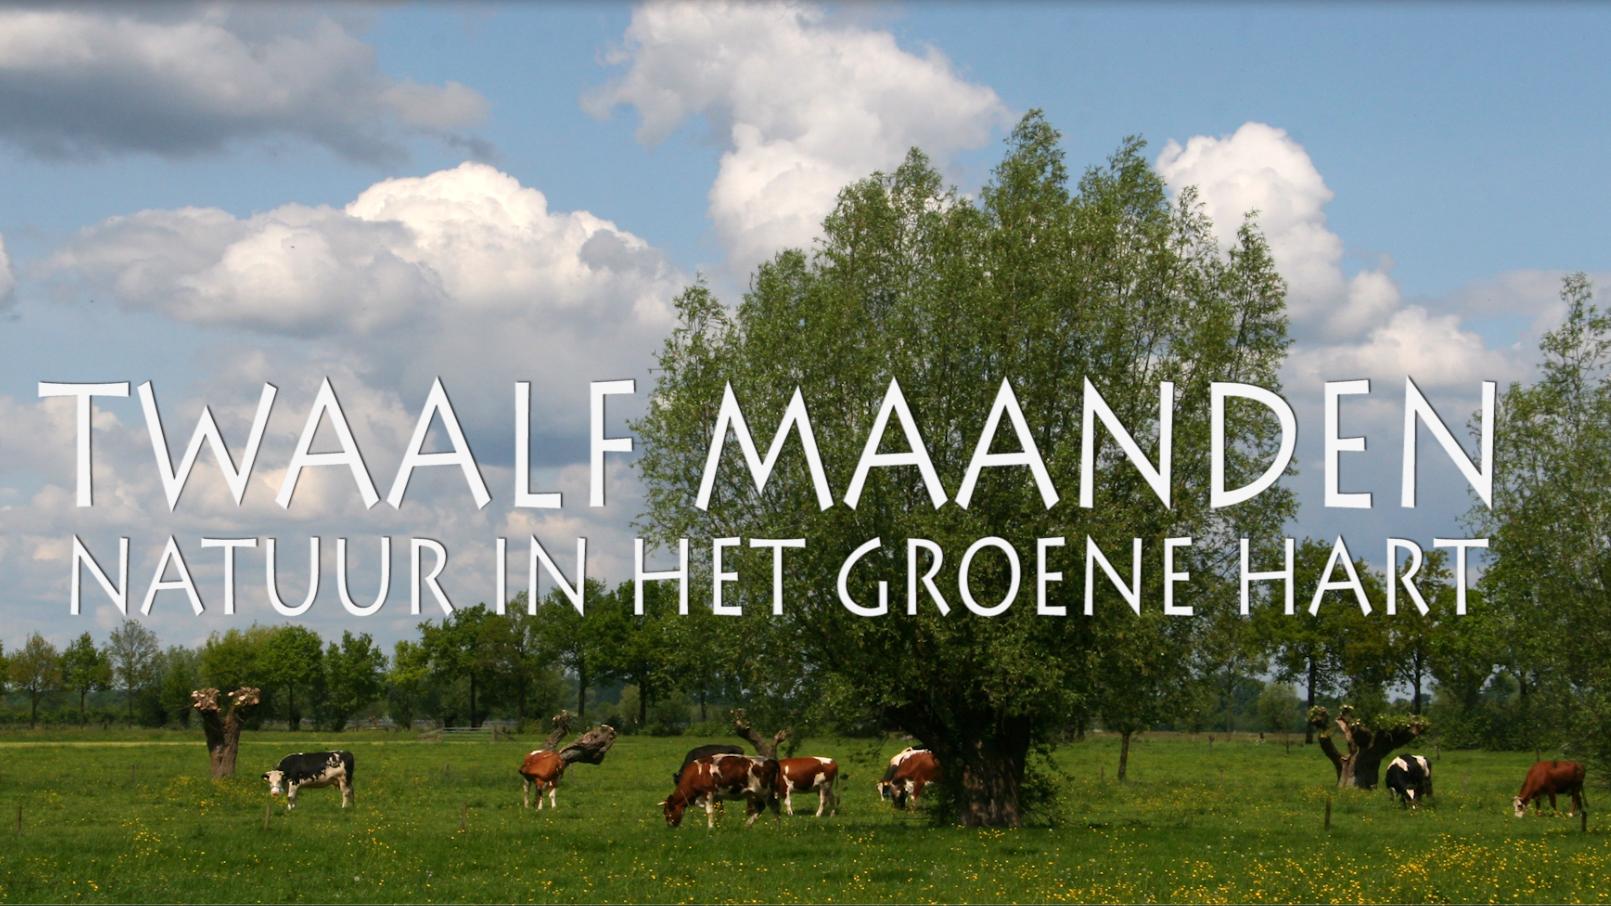 Film: Twaalf maanden natuur in het Groene Hart, Alphen aan den Rijn